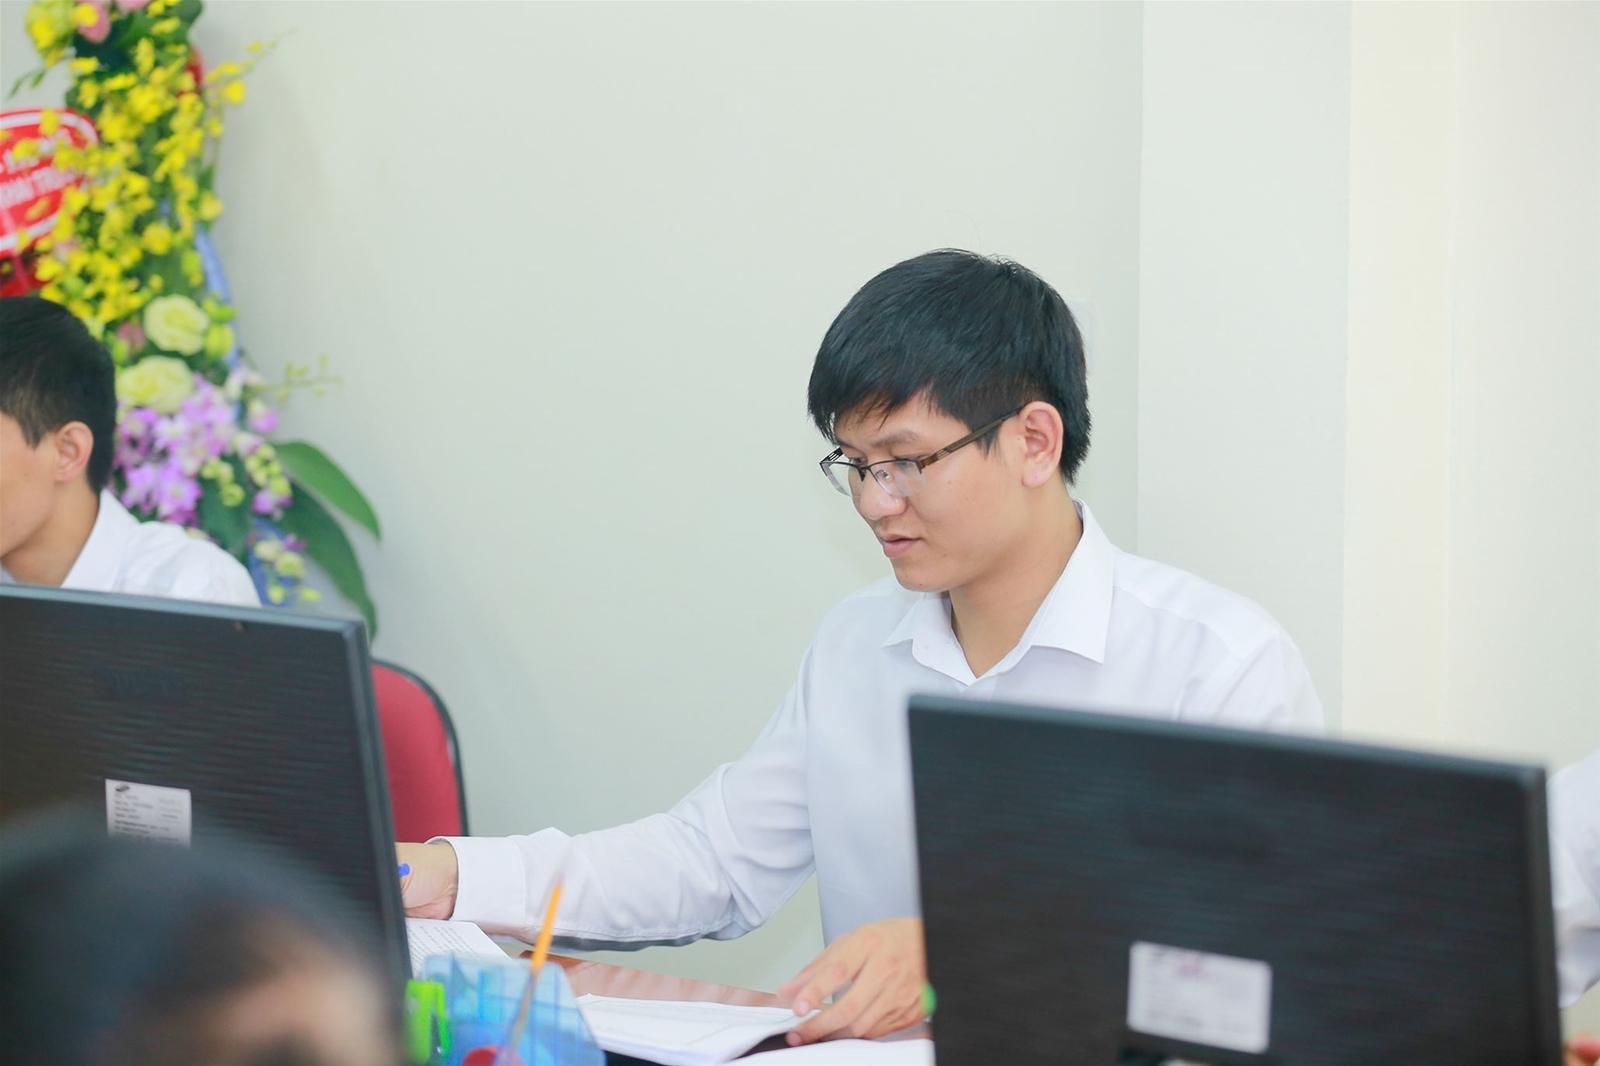 Danh sách văn phòng công chứng tư nhân mới nhất tại Hà Nội